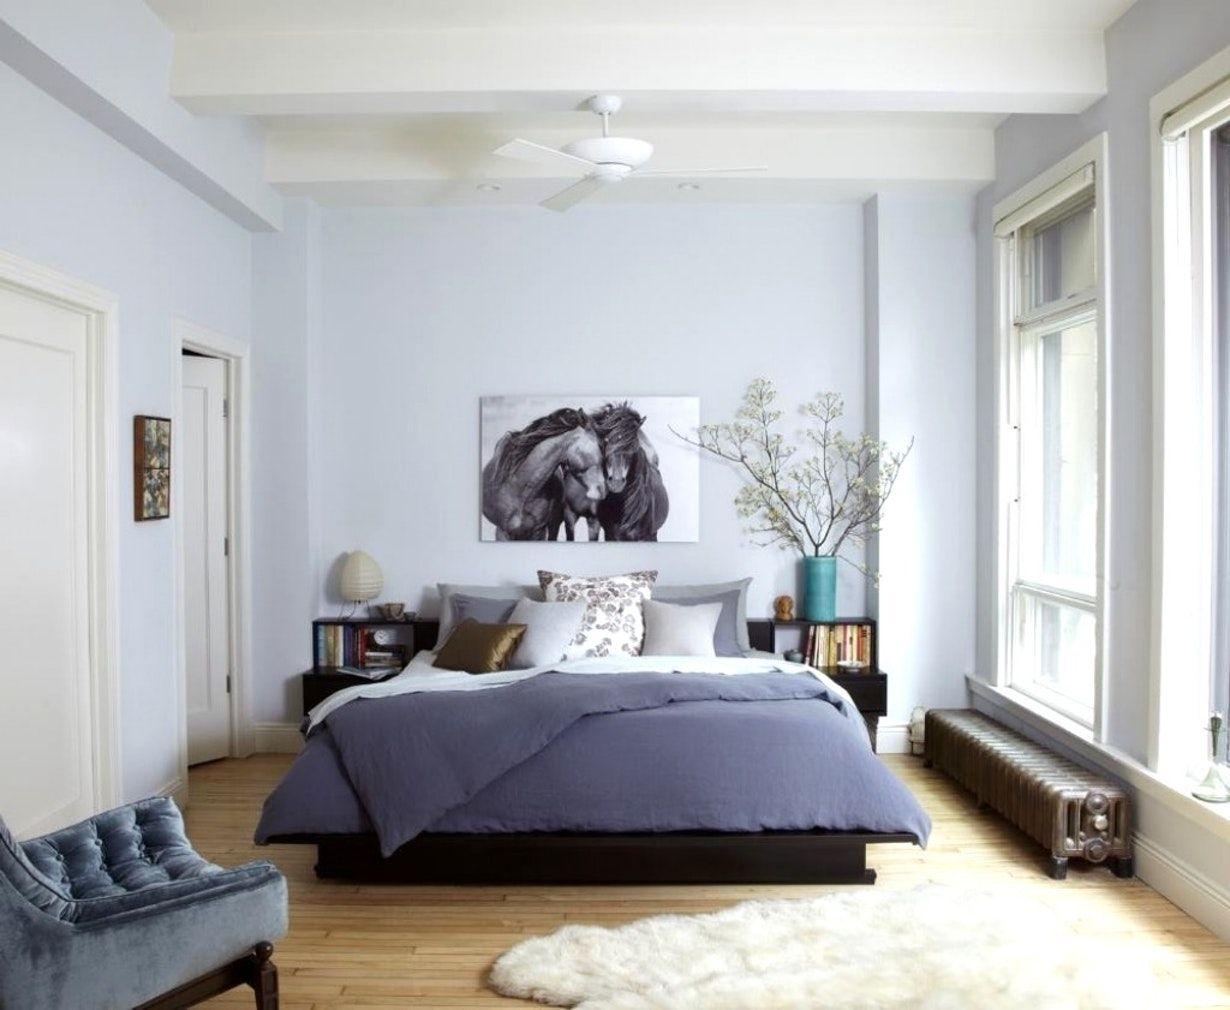 schlafzimmer gestalten blau braun   Beautiful bedrooms ...